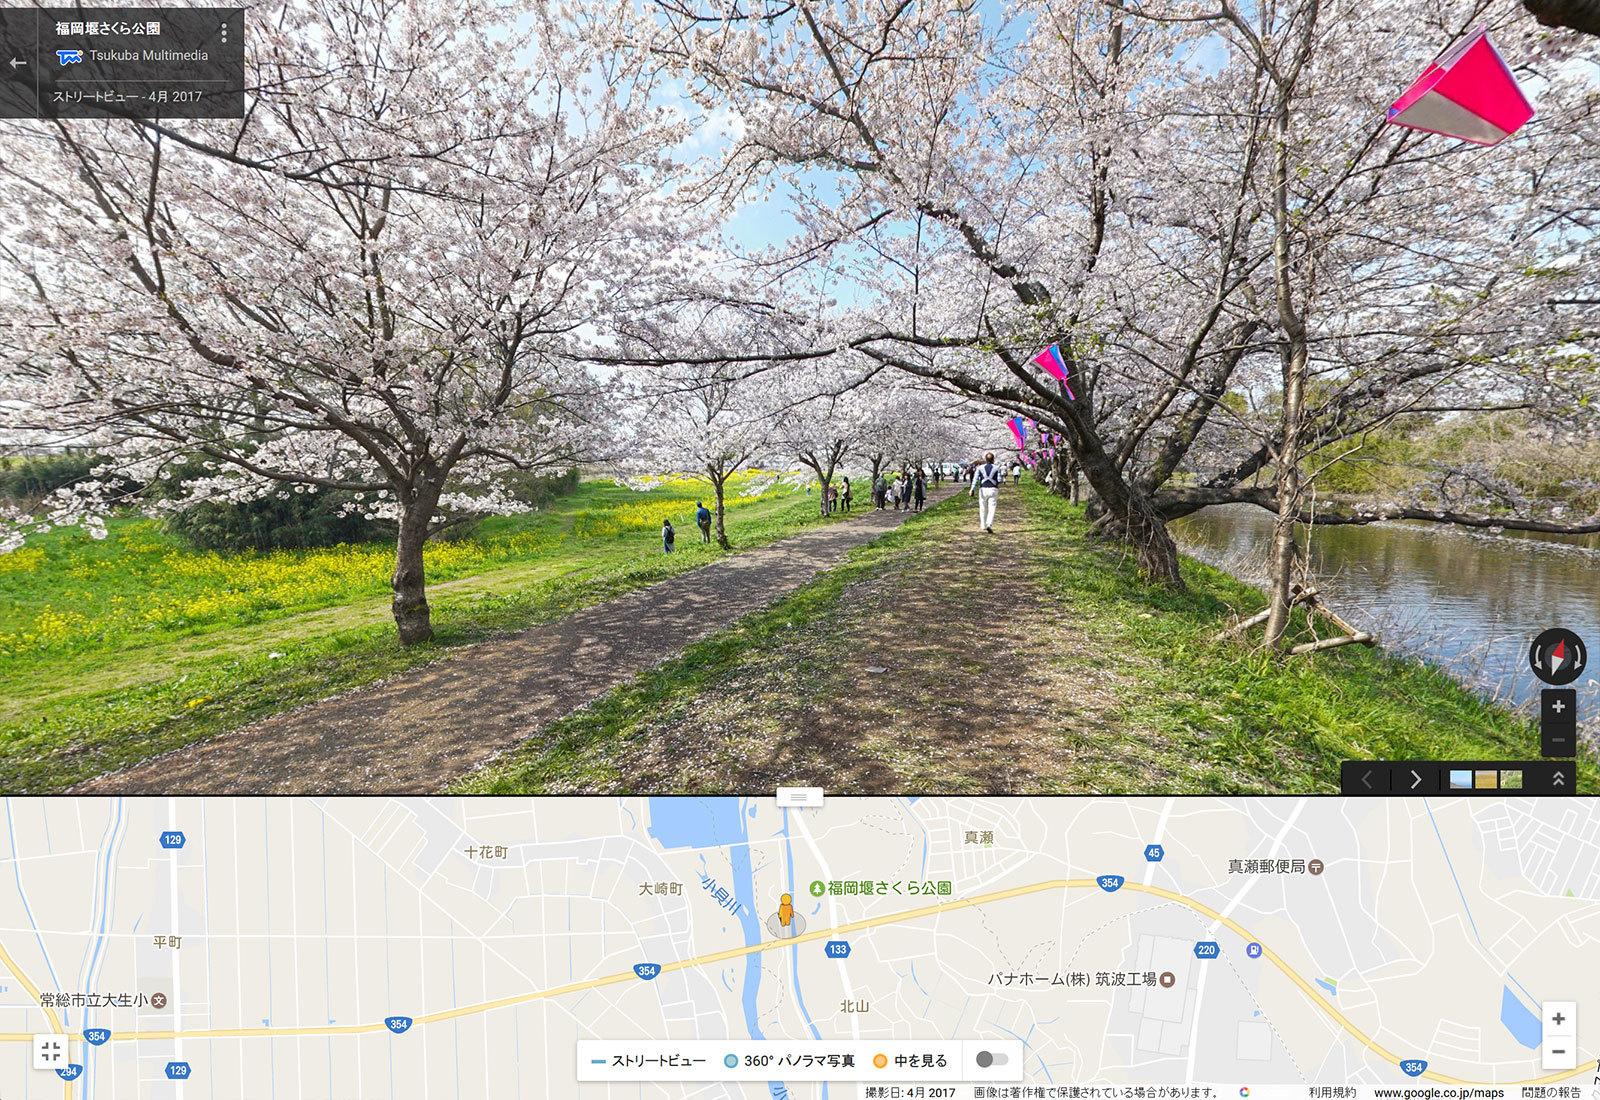 ストリートビュー写真(福岡堰桜)